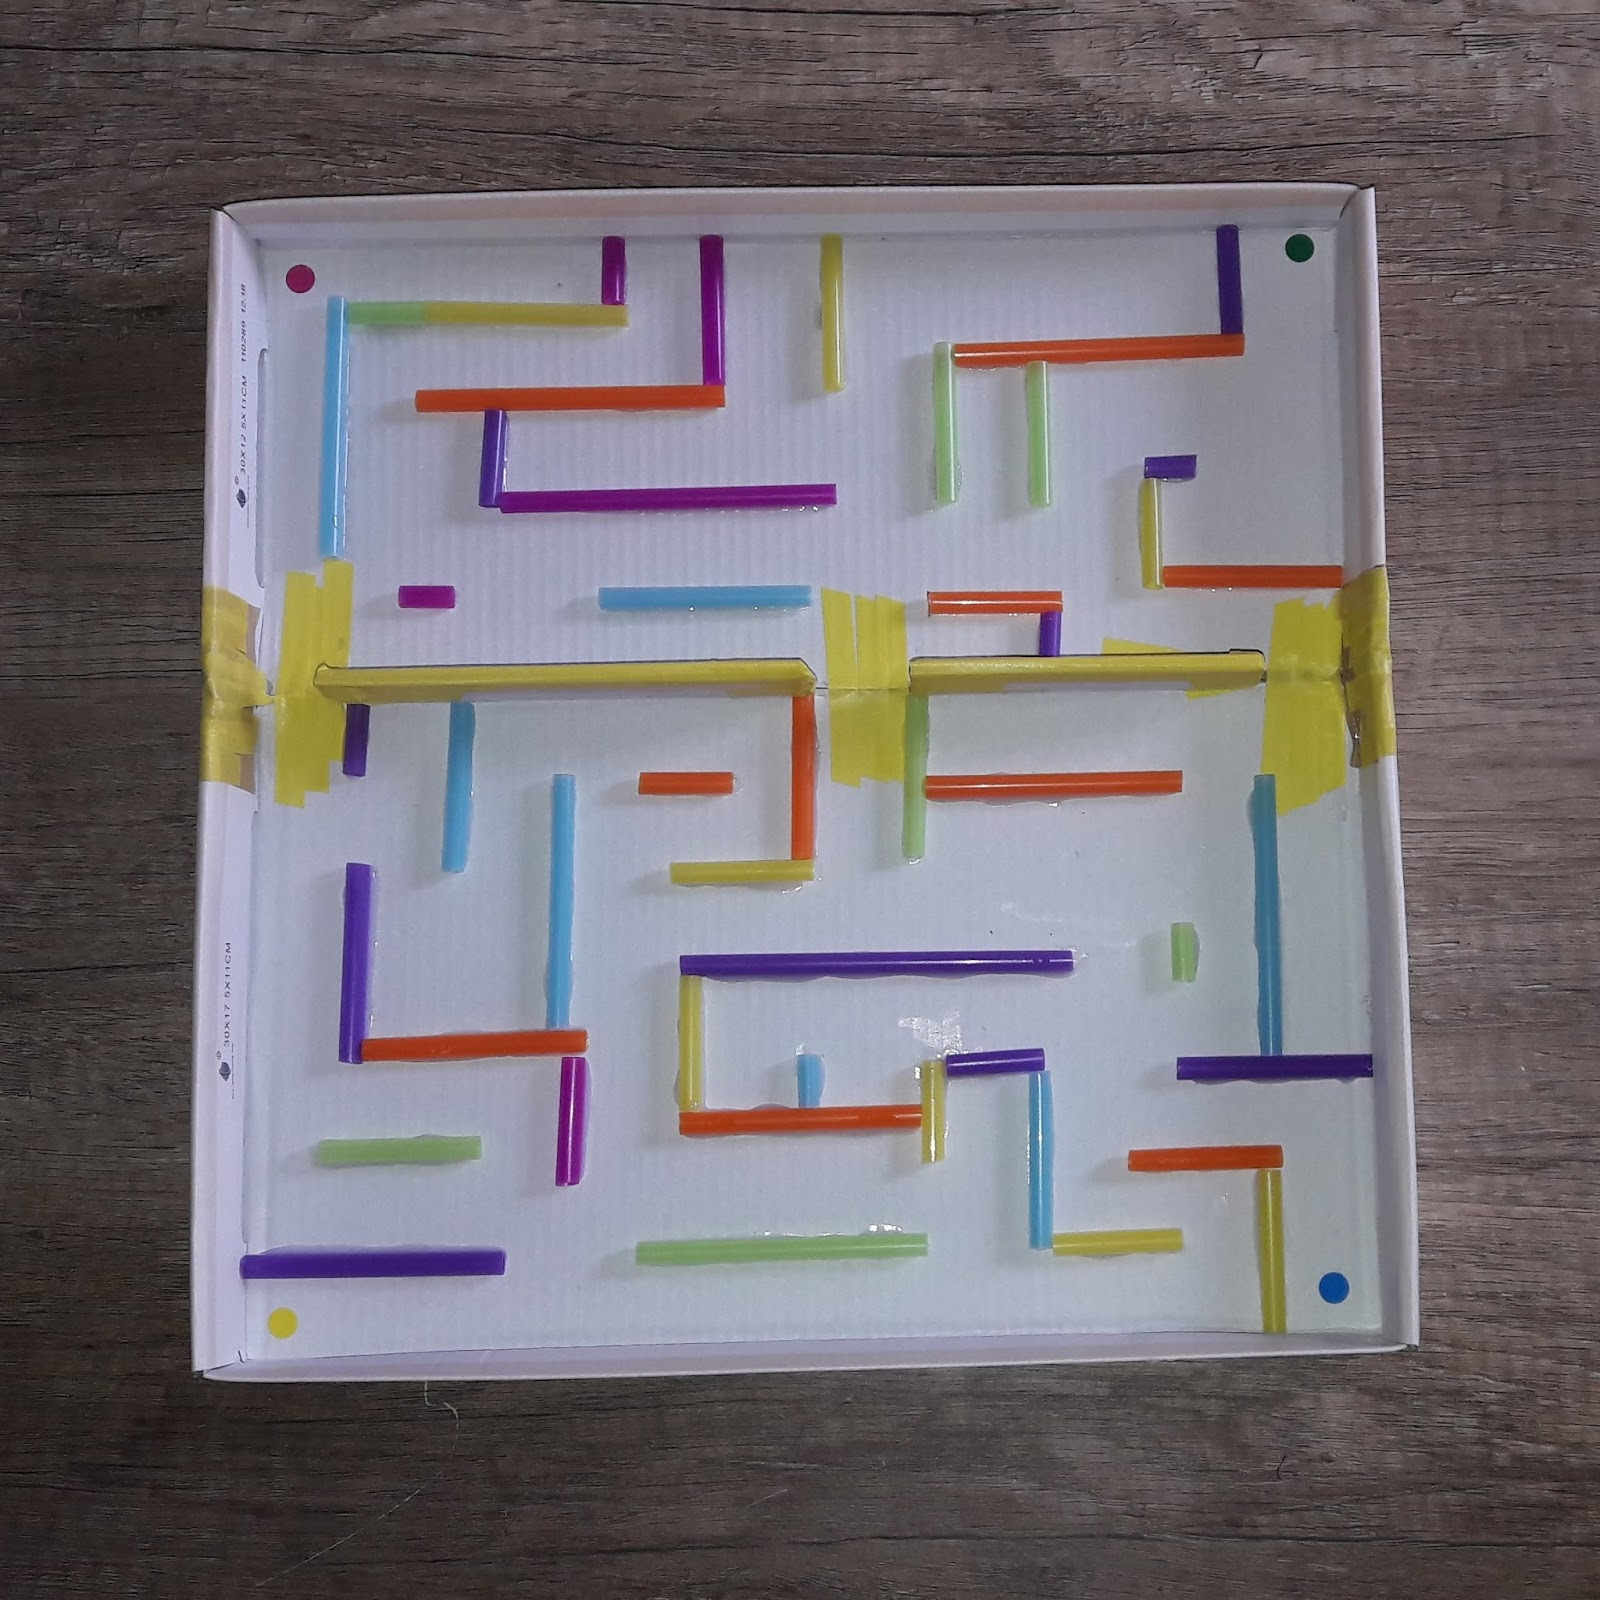 un labyrinthe  u00e0 bille maison